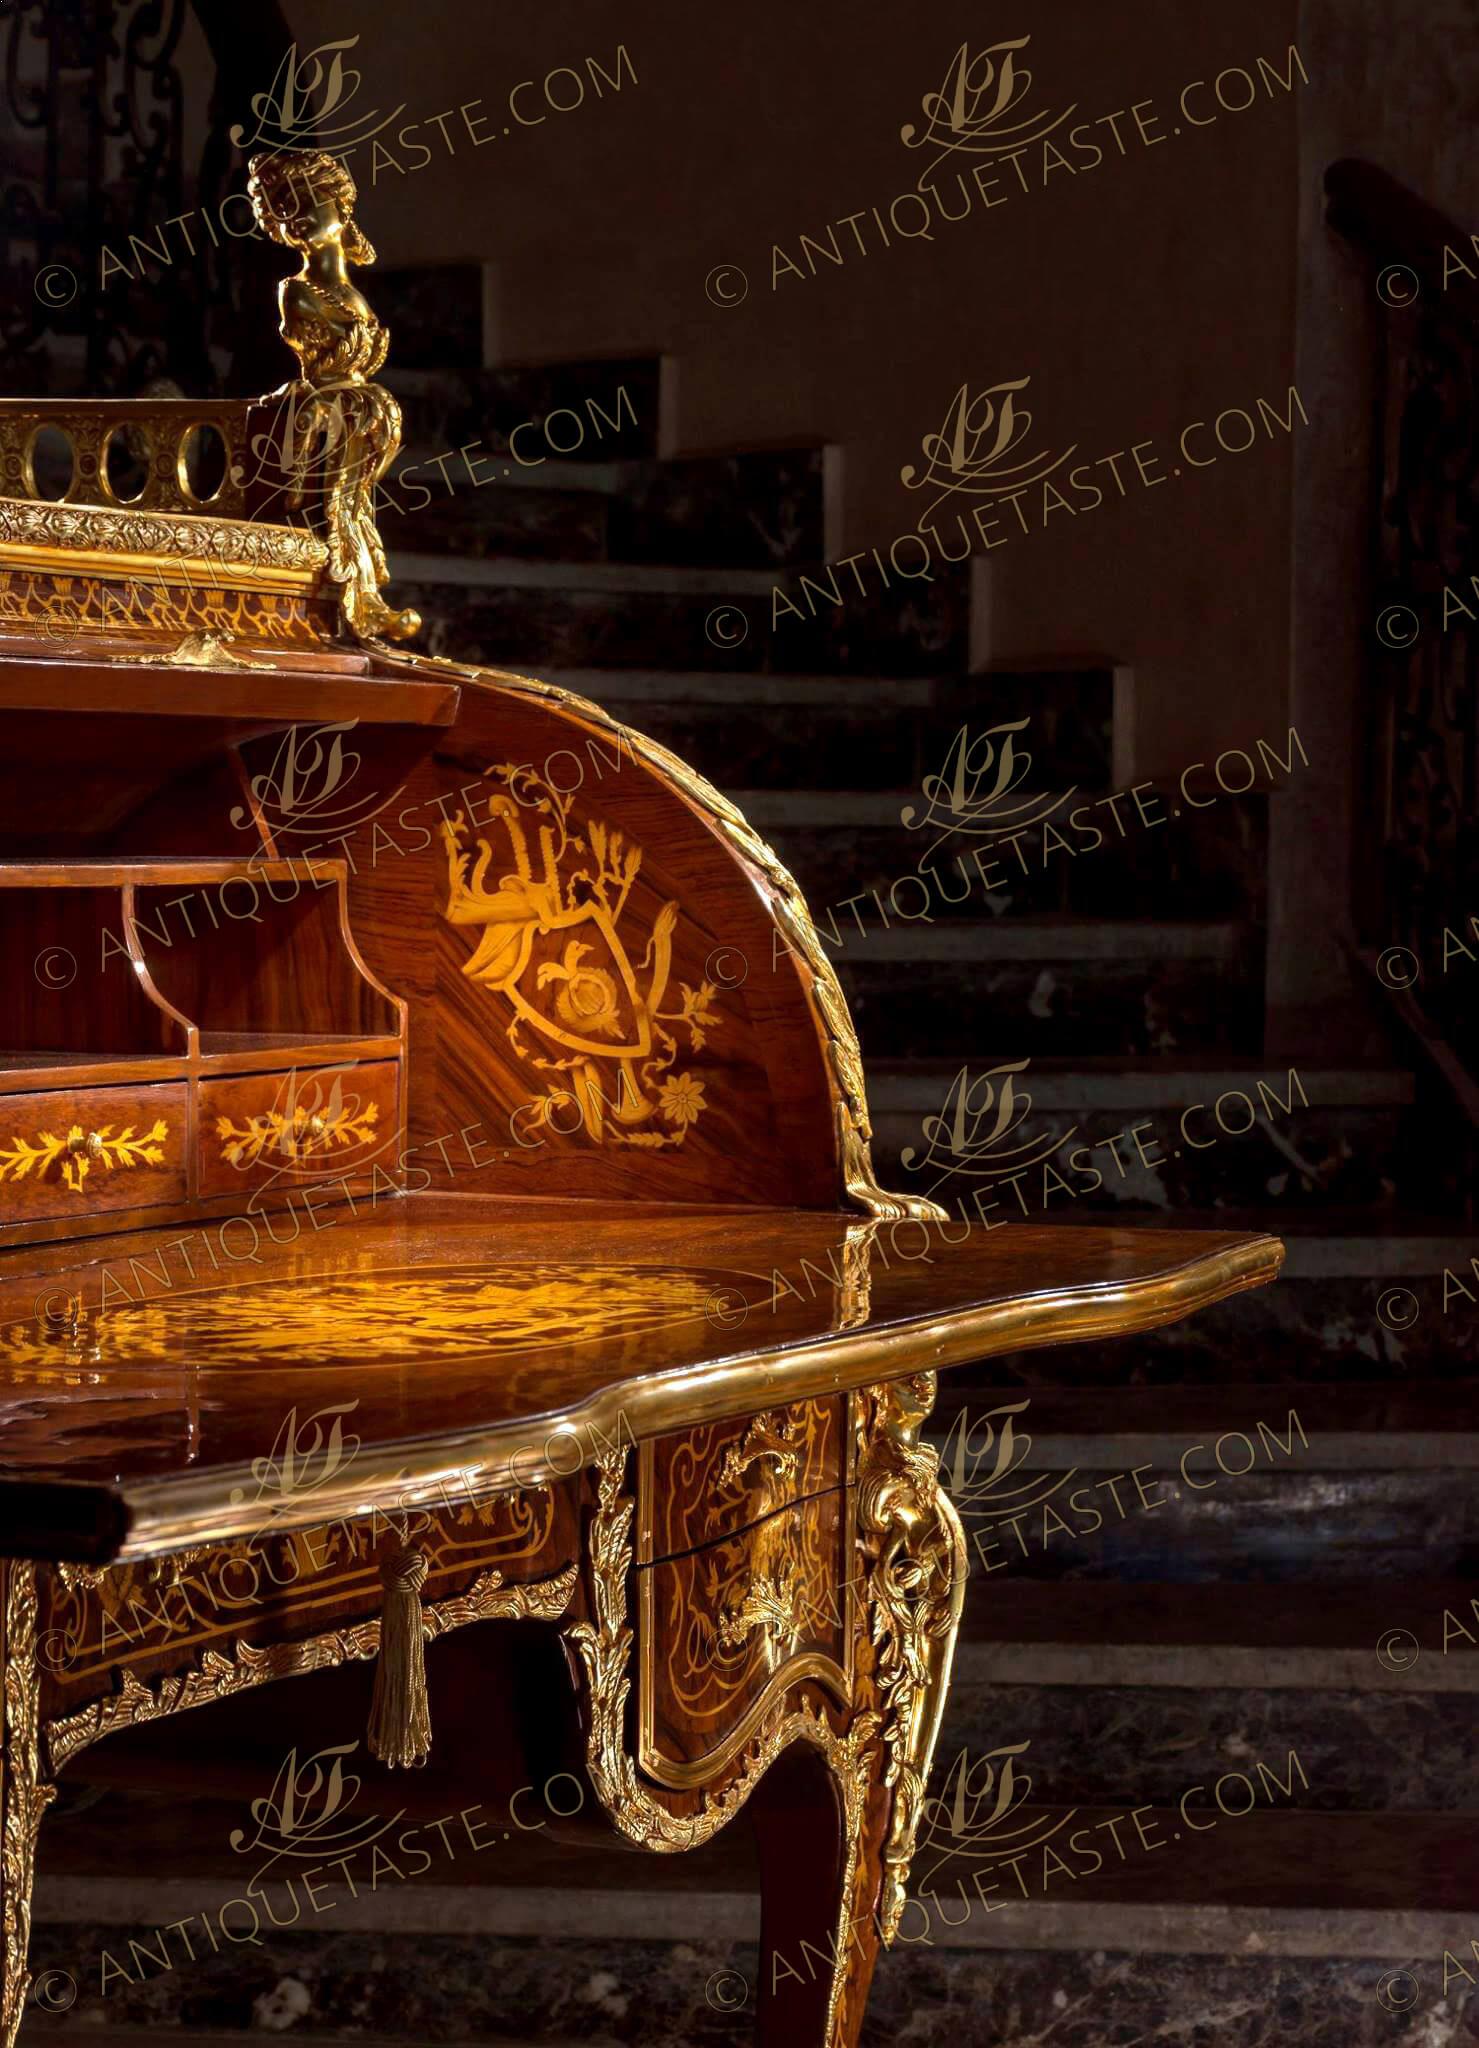 18th century bureau du roi secretaire cylindre de louis xv the king desk after the model by. Black Bedroom Furniture Sets. Home Design Ideas